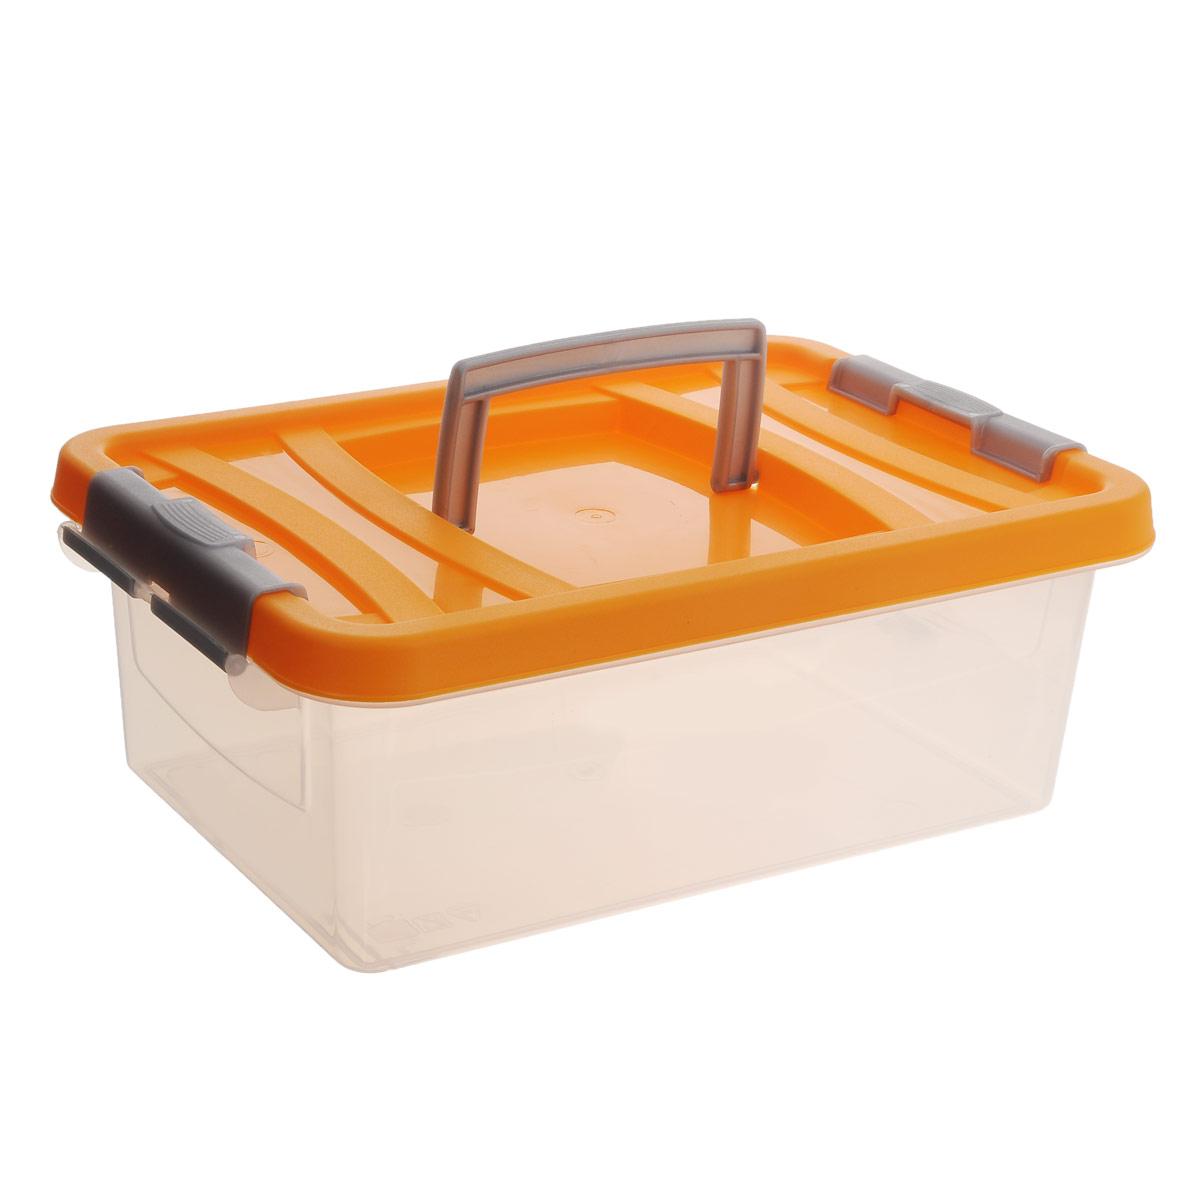 Контейнер для пищевых продуктов Martika, цвет: прозрачный, оранжевый, 6 лД Дачно-Деревенский 20Контейнер Martika прямоугольной формы предназначен специально для хранения пищевых продуктов. Устойчив к воздействию масел и жиров, легко моется. Крышка легко открывается и плотно закрывается. Имеются удобные ручки. Прозрачные стенки позволяют видеть содержимое. Контейнер имеет возможность хранения продуктов глубокой заморозки, обладает высокой прочностью. Контейнер необыкновенно удобен: его можно брать на пикник, за город, в поход.Можно мыть в посудомоечной машине.